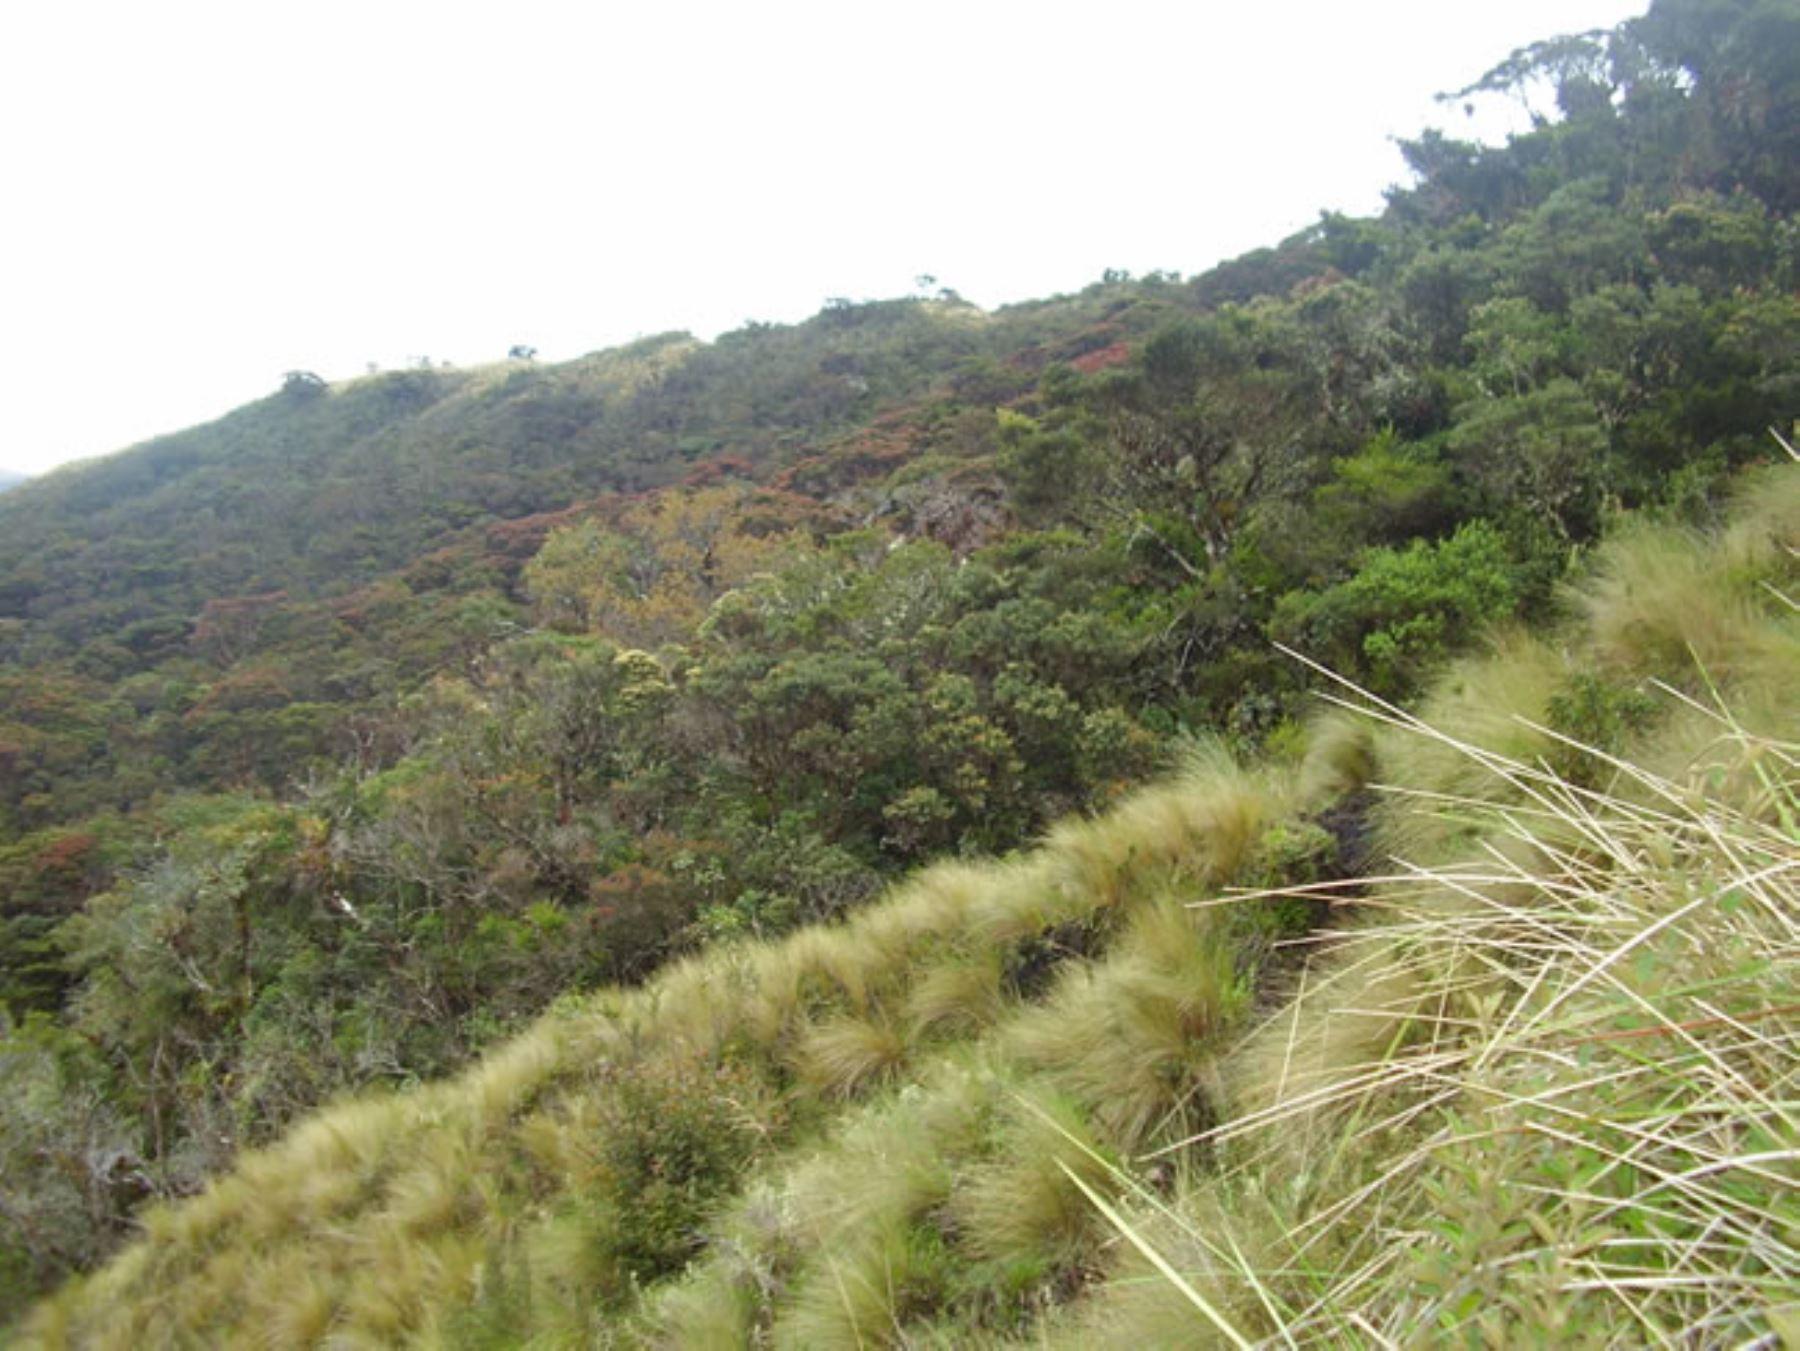 El Ministerio del Ambiente reconoció el Área de Conservación Privada Bosques Montanos y Páramos Chicuate-Chinguelas, ubicada en el departamento de Piura, a fin de conservar una muestra representativa de los bosques de montaña y pajonal, ubicados dentro del área de conservación privada en la Comunidad Campesina Segunda y Cajas.